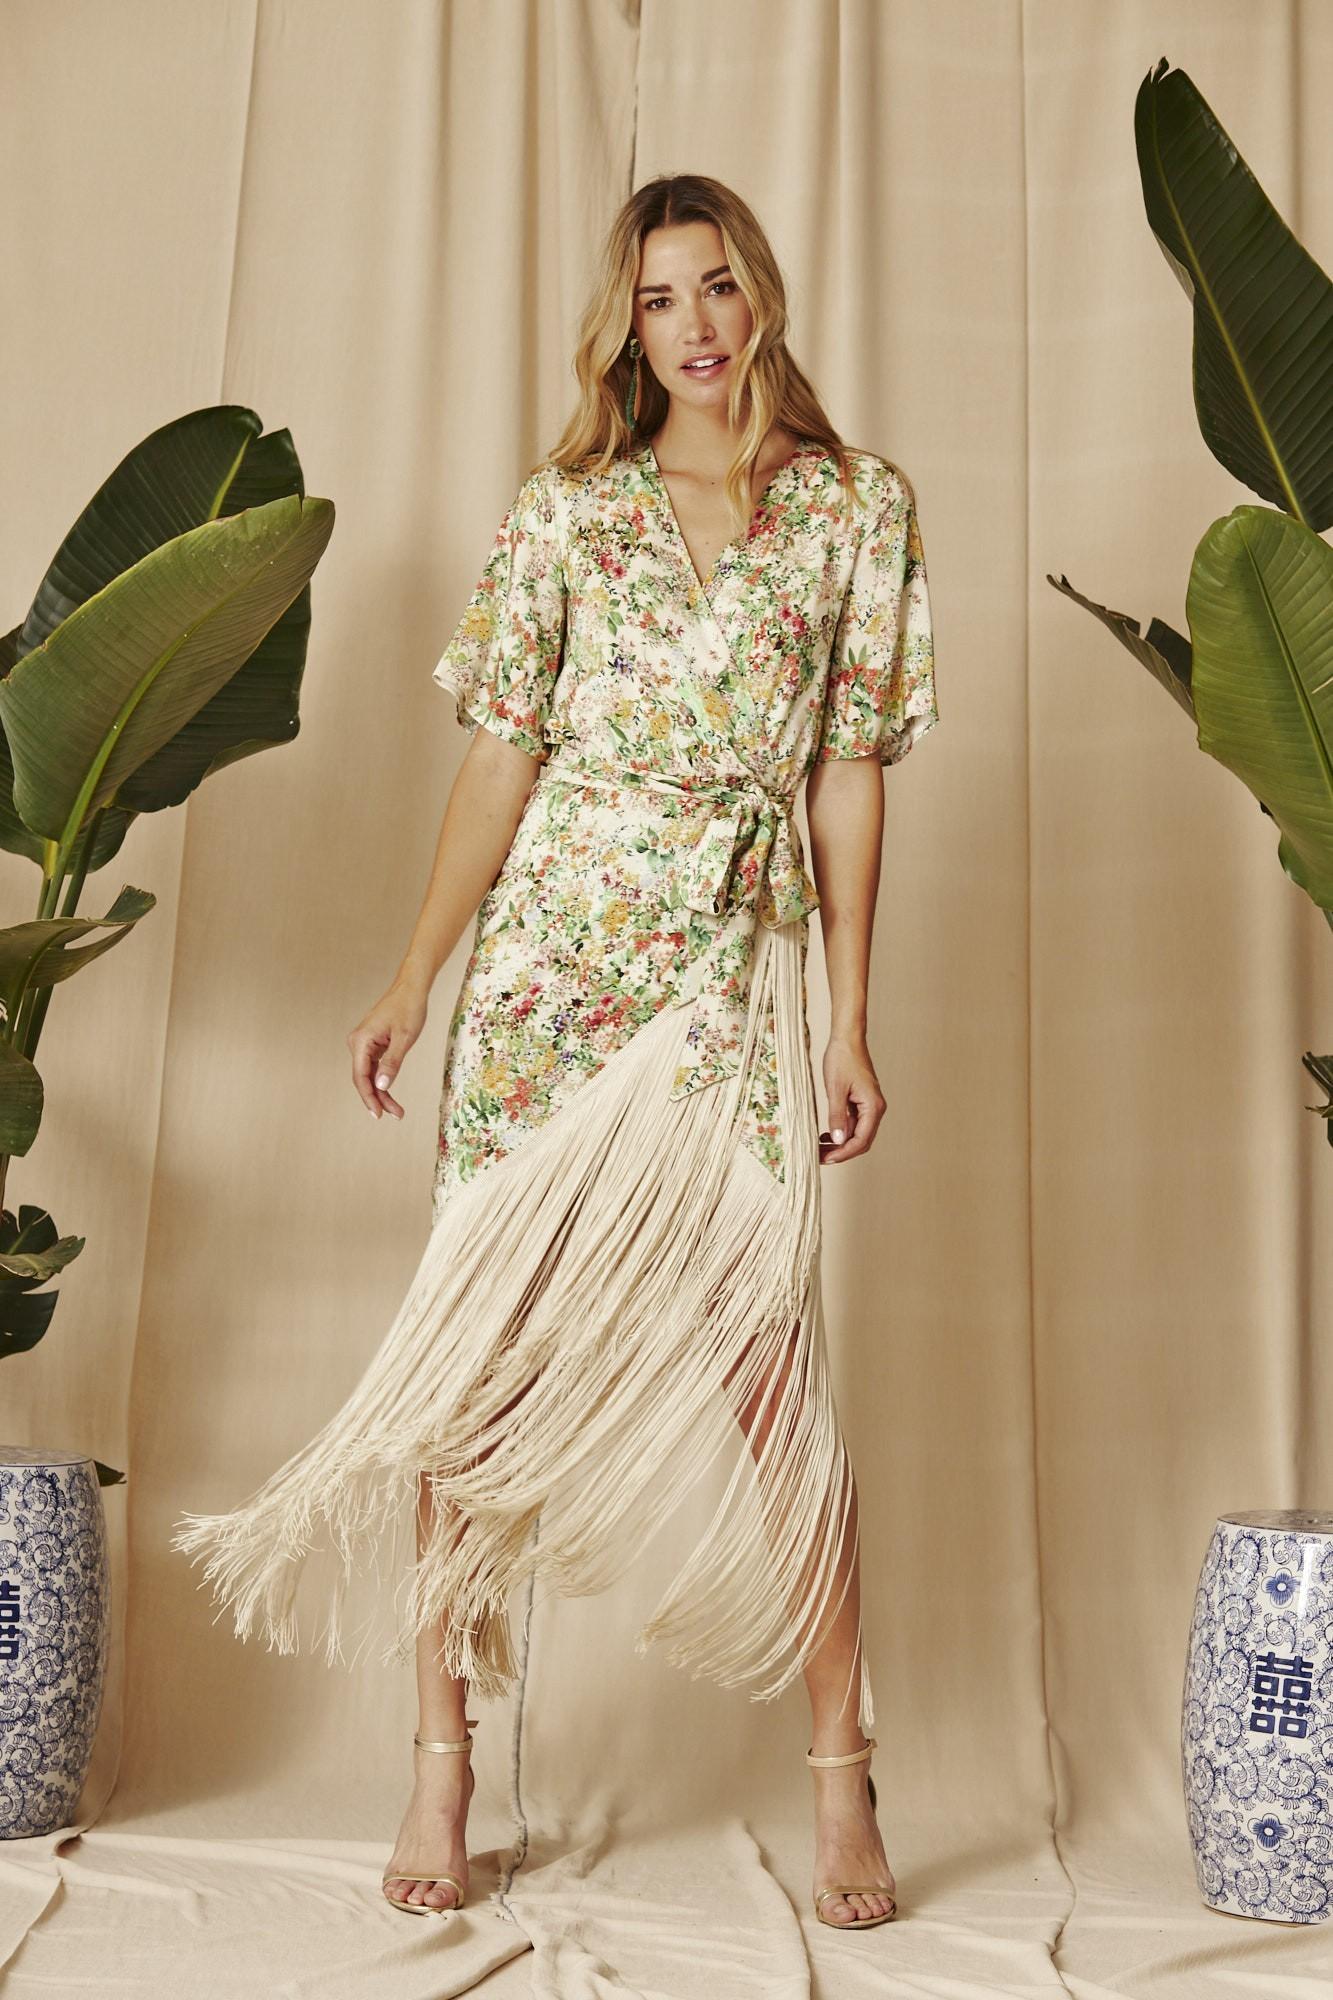 Vestido de flores con flecos, de Coosy.